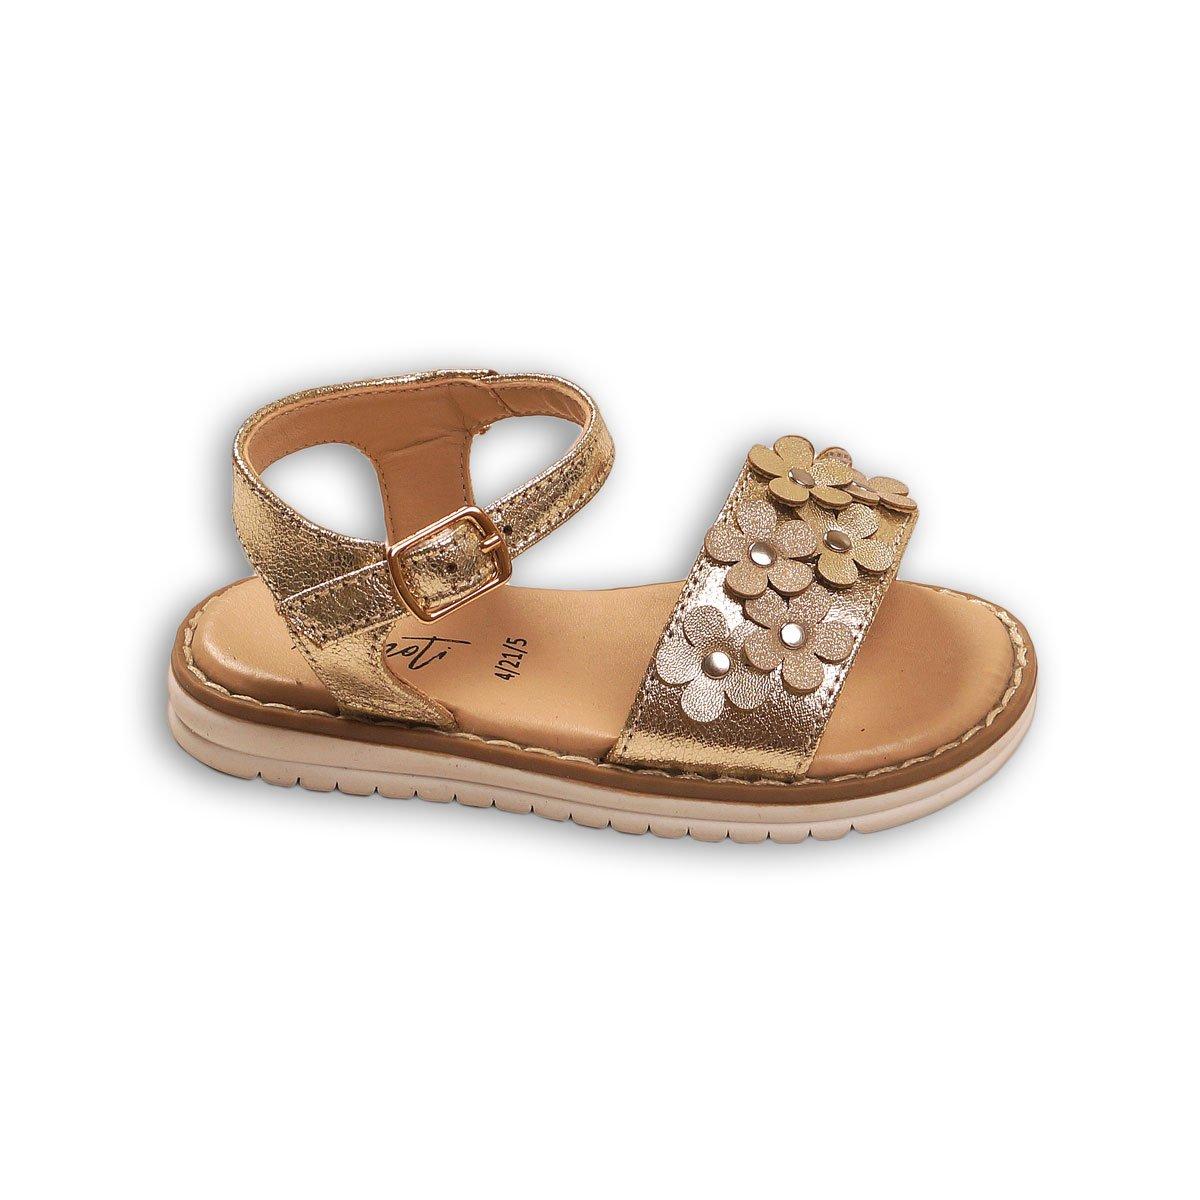 Sandale cu imprimeu de flori si inchidere in curea la glezna, Minoti Shoe